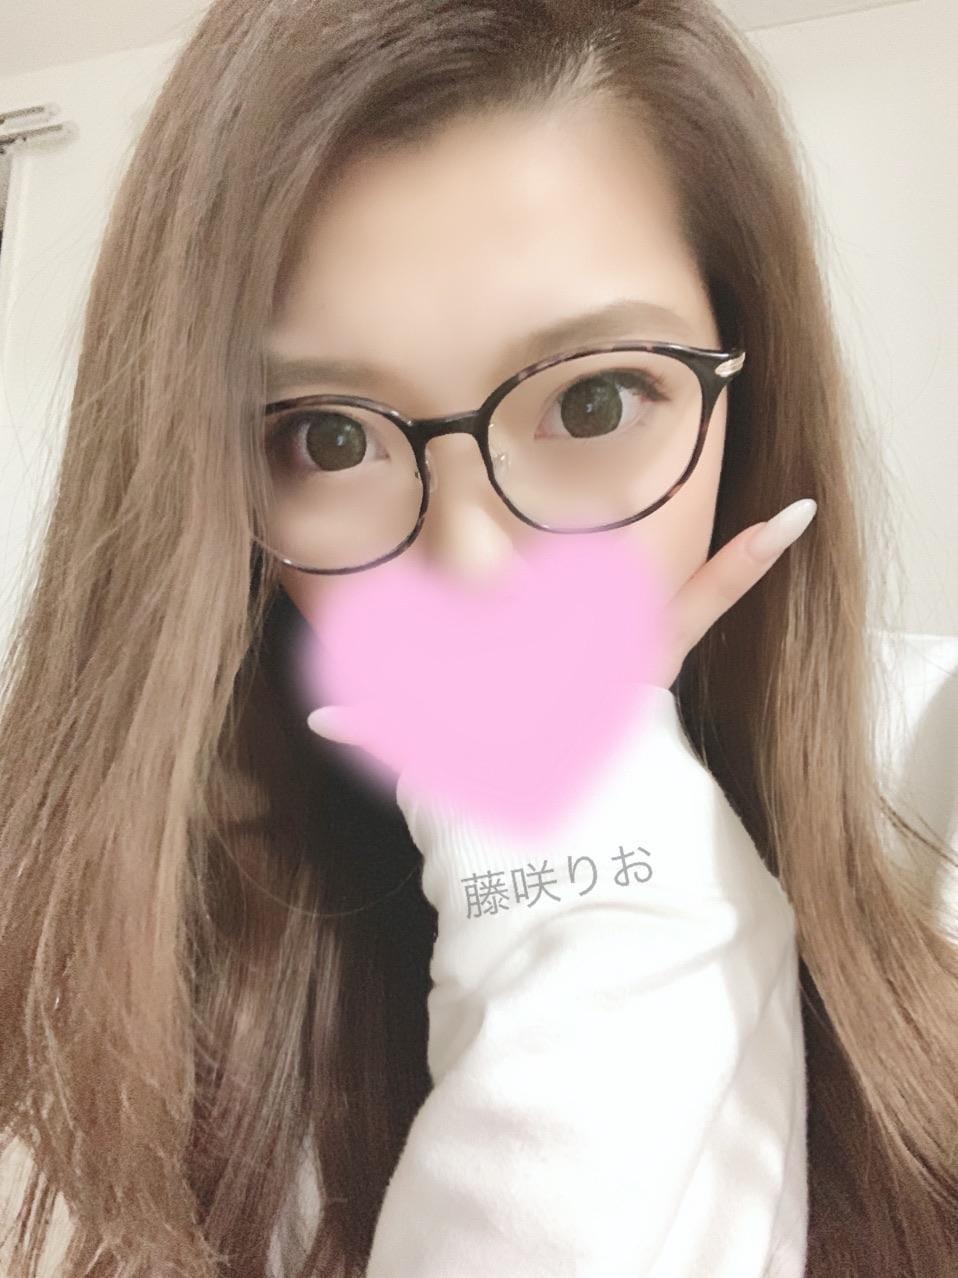 「なななななんとっ????」03/24(火) 17:37 | 藤咲 りおの写メ・風俗動画